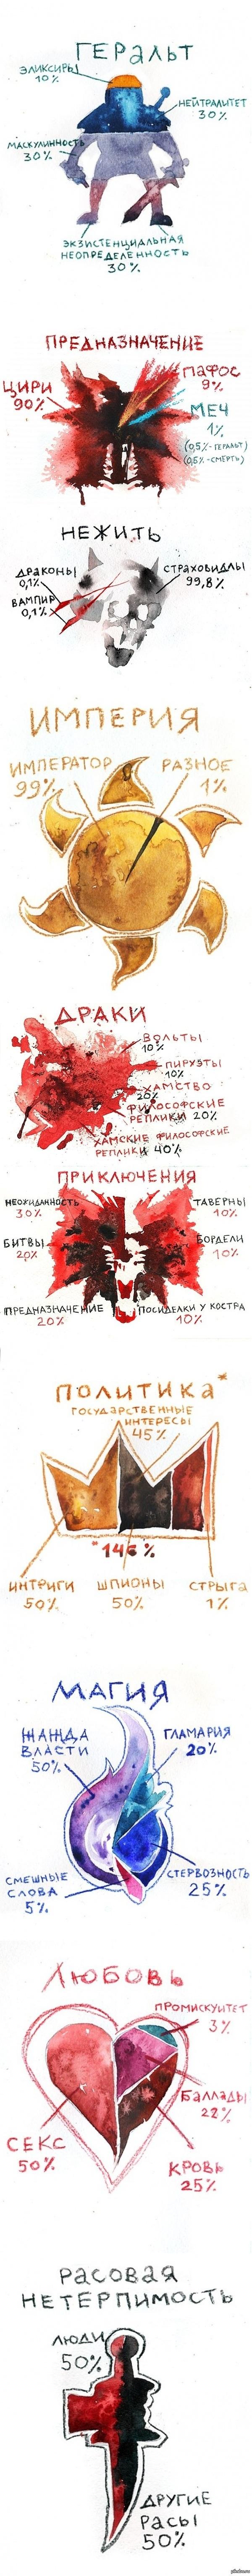 Ведьмак в диаграммах :D Лошади - 100% Плотва :D (коммент стырен с реактора)